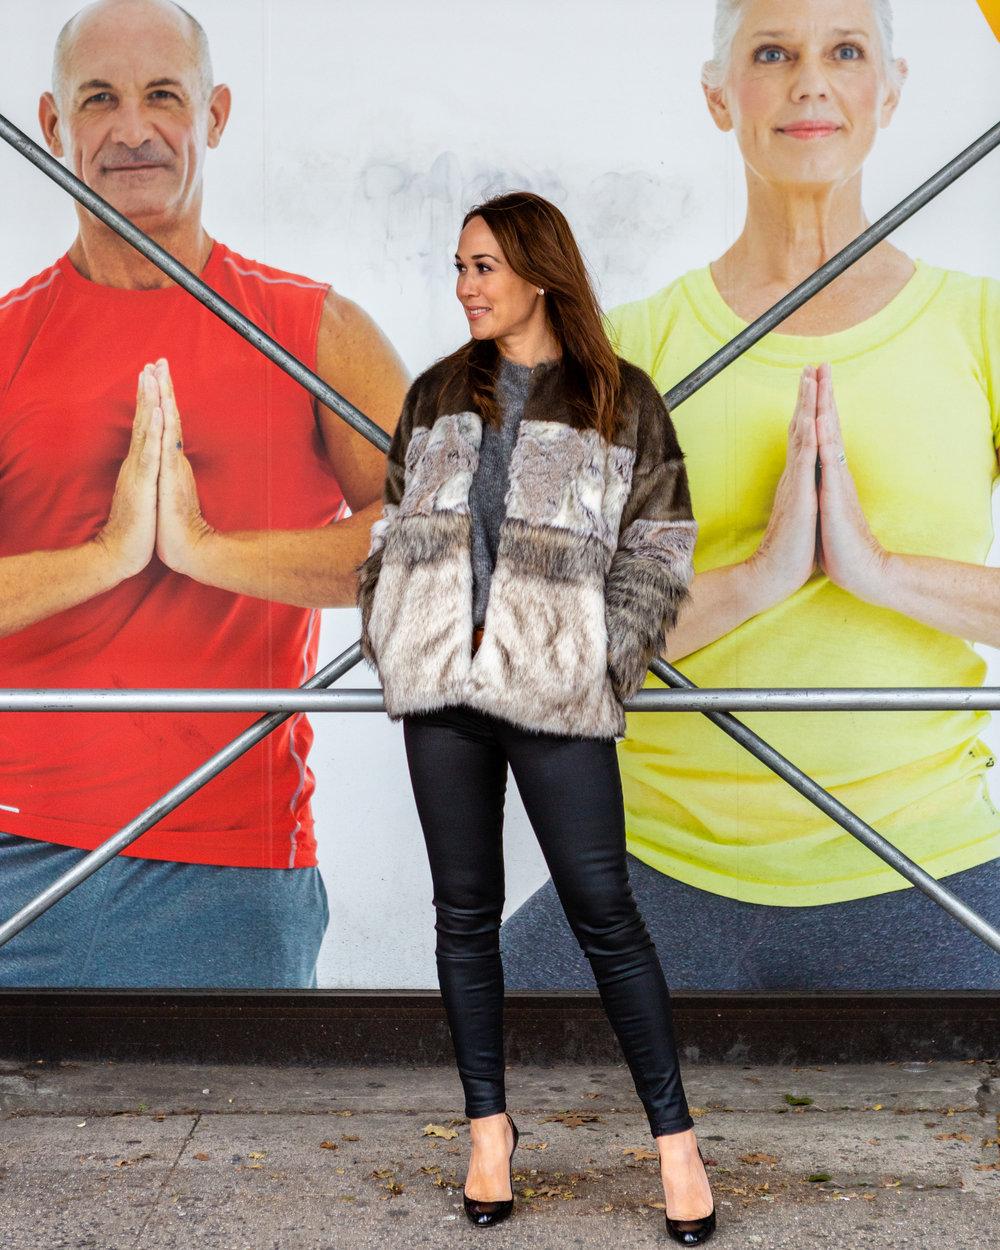 jacket with yoga.jpg